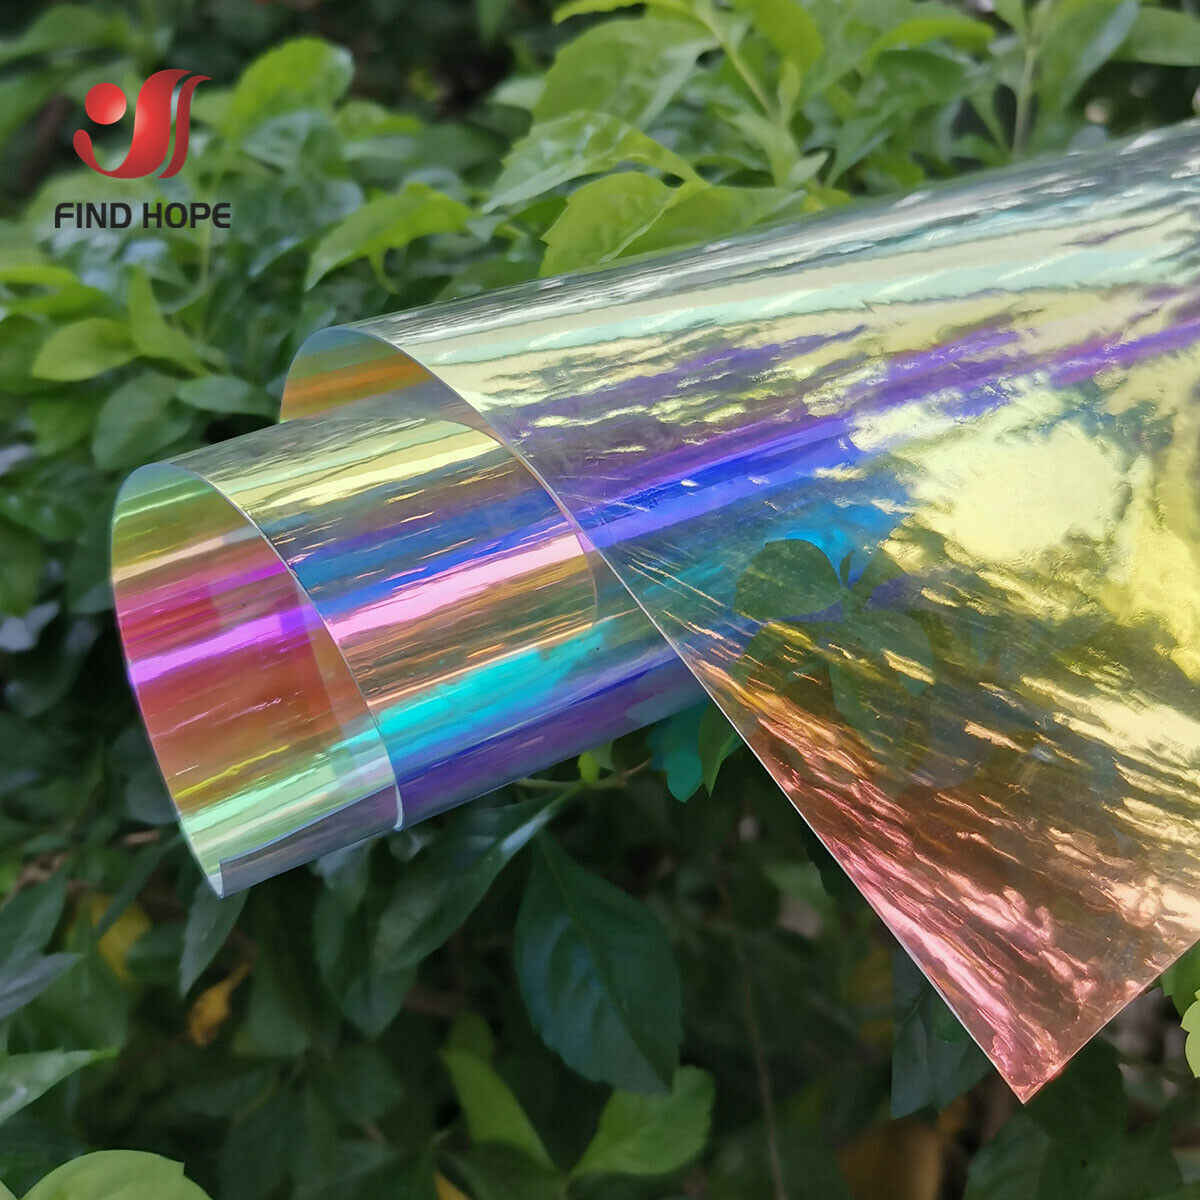 Tissu Pvc Transparent Holographique Irisé Pour Fabrication De Boucles D Oreilles Sac Artisanal En Vinyle Film Arc En Ciel Aliexpress